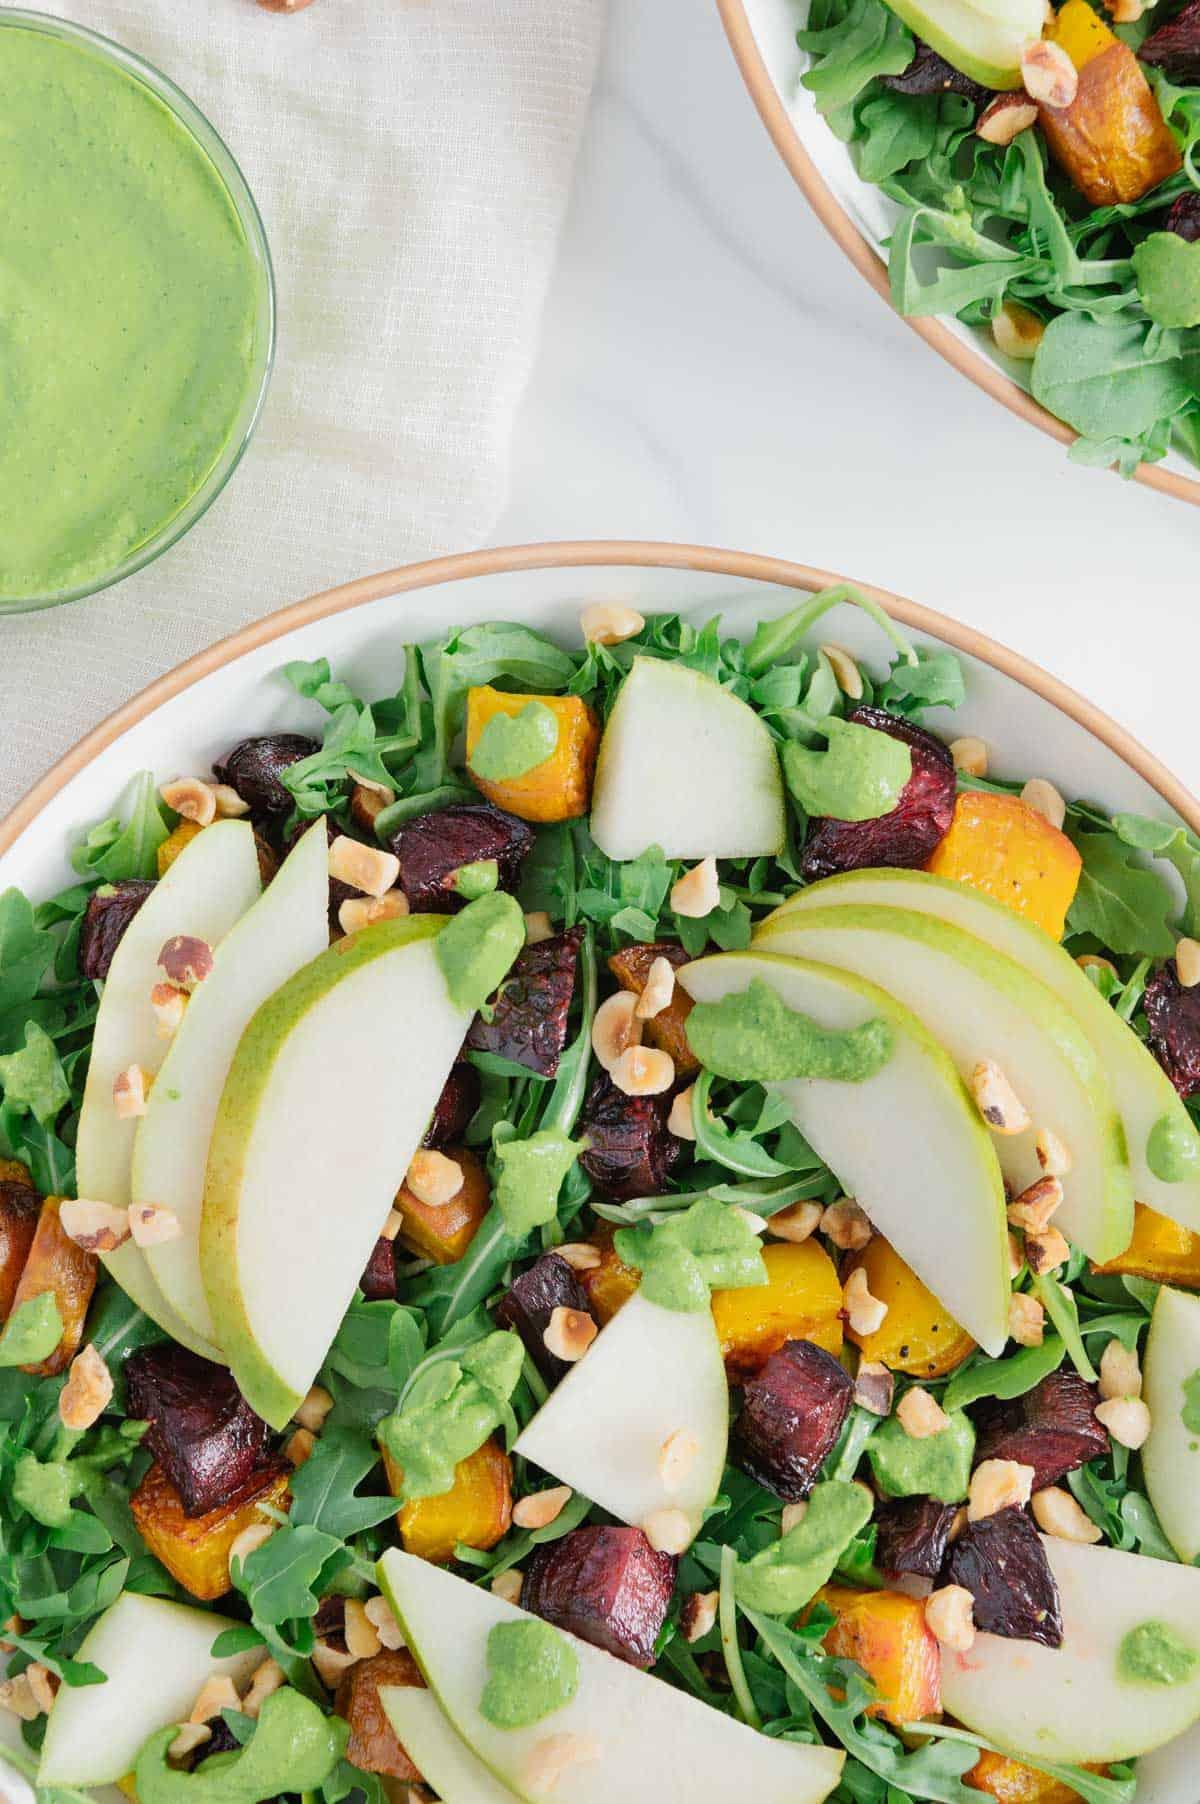 Roasted Beet and Pear Arugula Salad